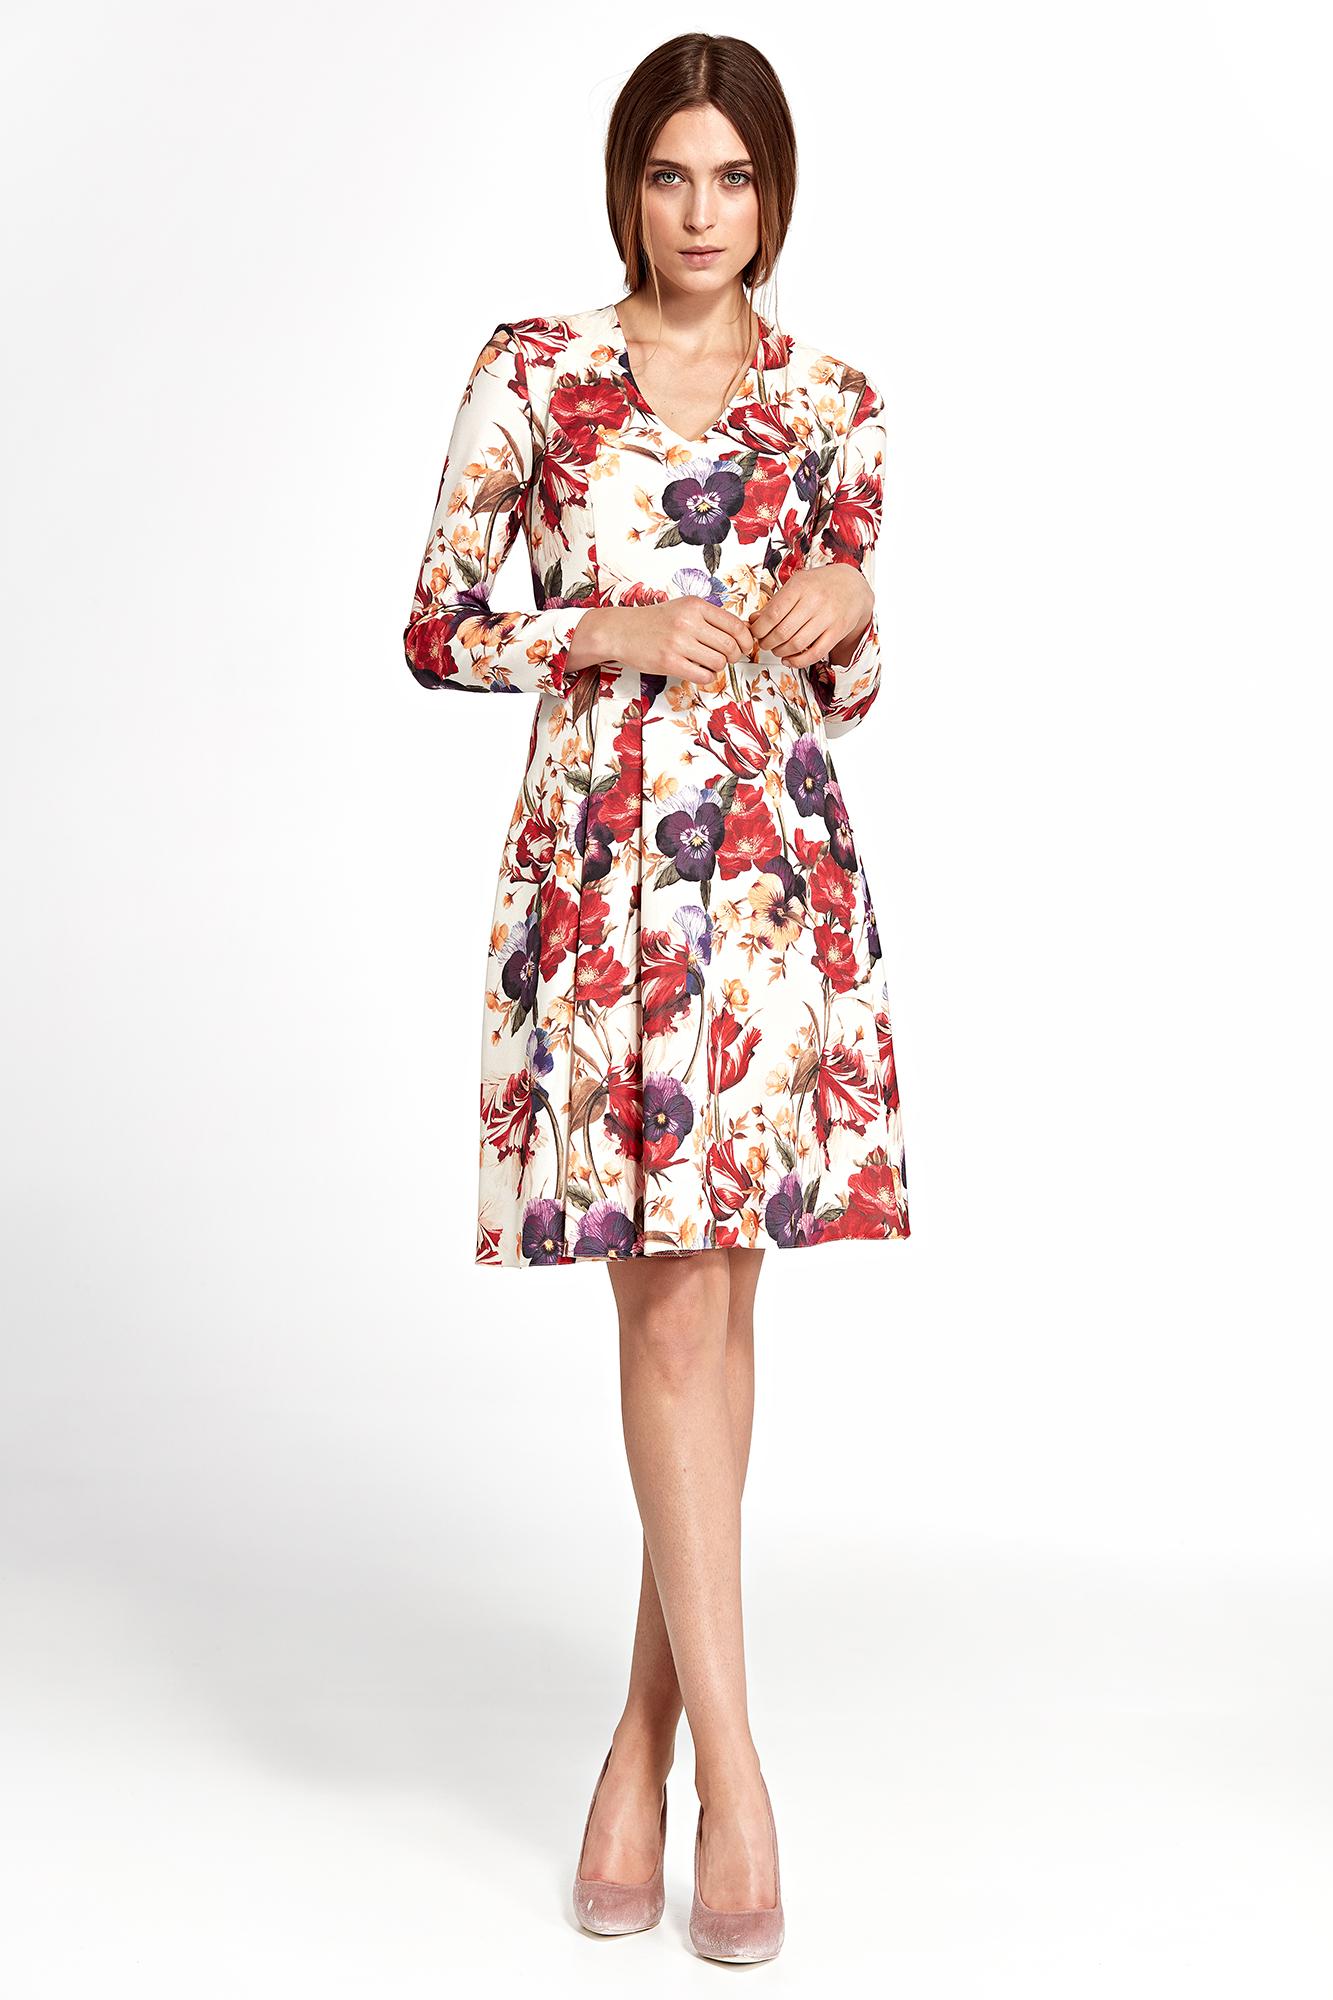 580ccd36418bd1 Sukienka rozkloszowana w kwiaty - szyta w Polsce - kurier od 5,99 zł